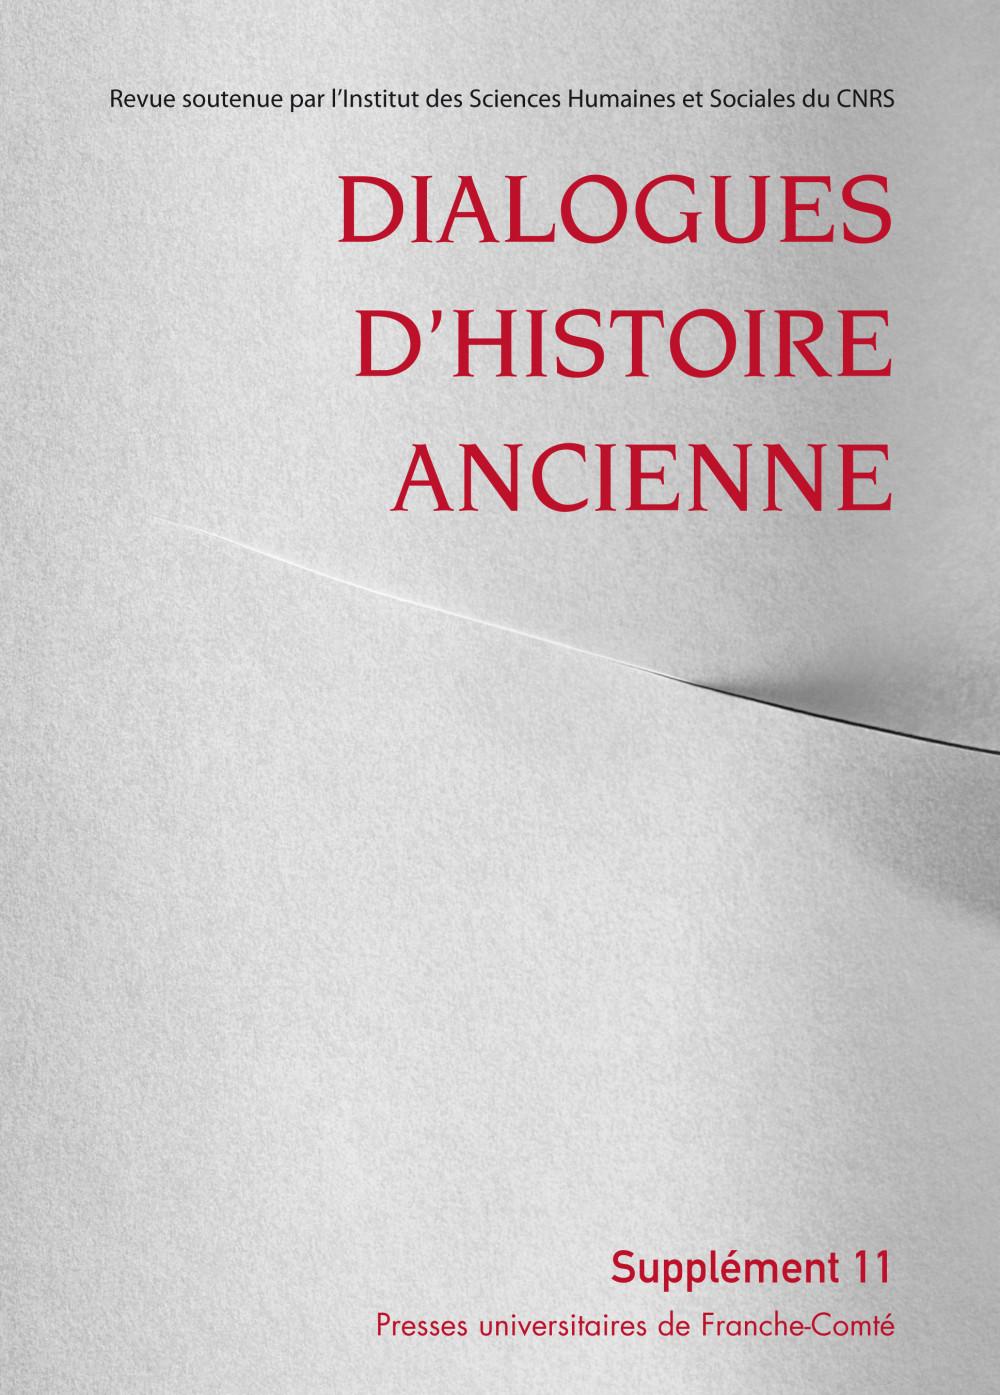 Dialogues d'Histoire Ancienne supplément 11